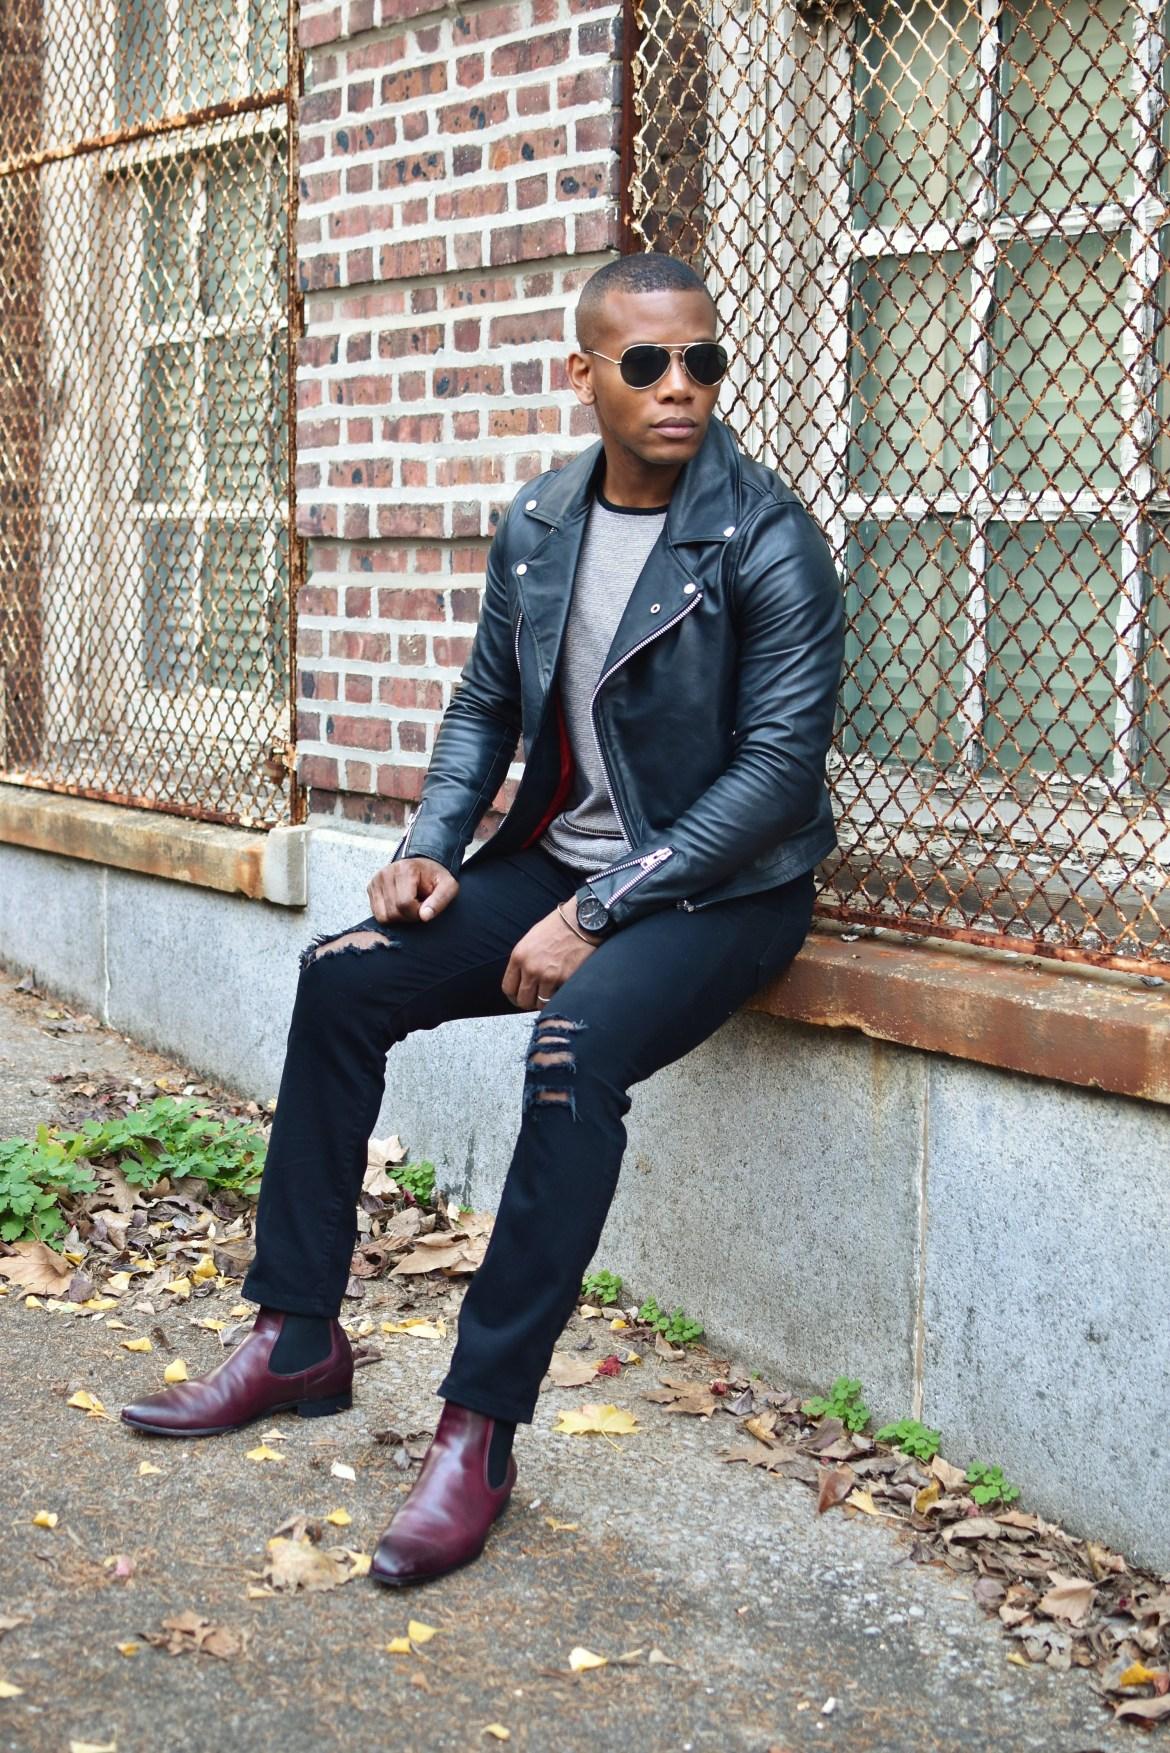 Sabir M. Peele of Men's Style Pro in Topman Black Leather Jacket